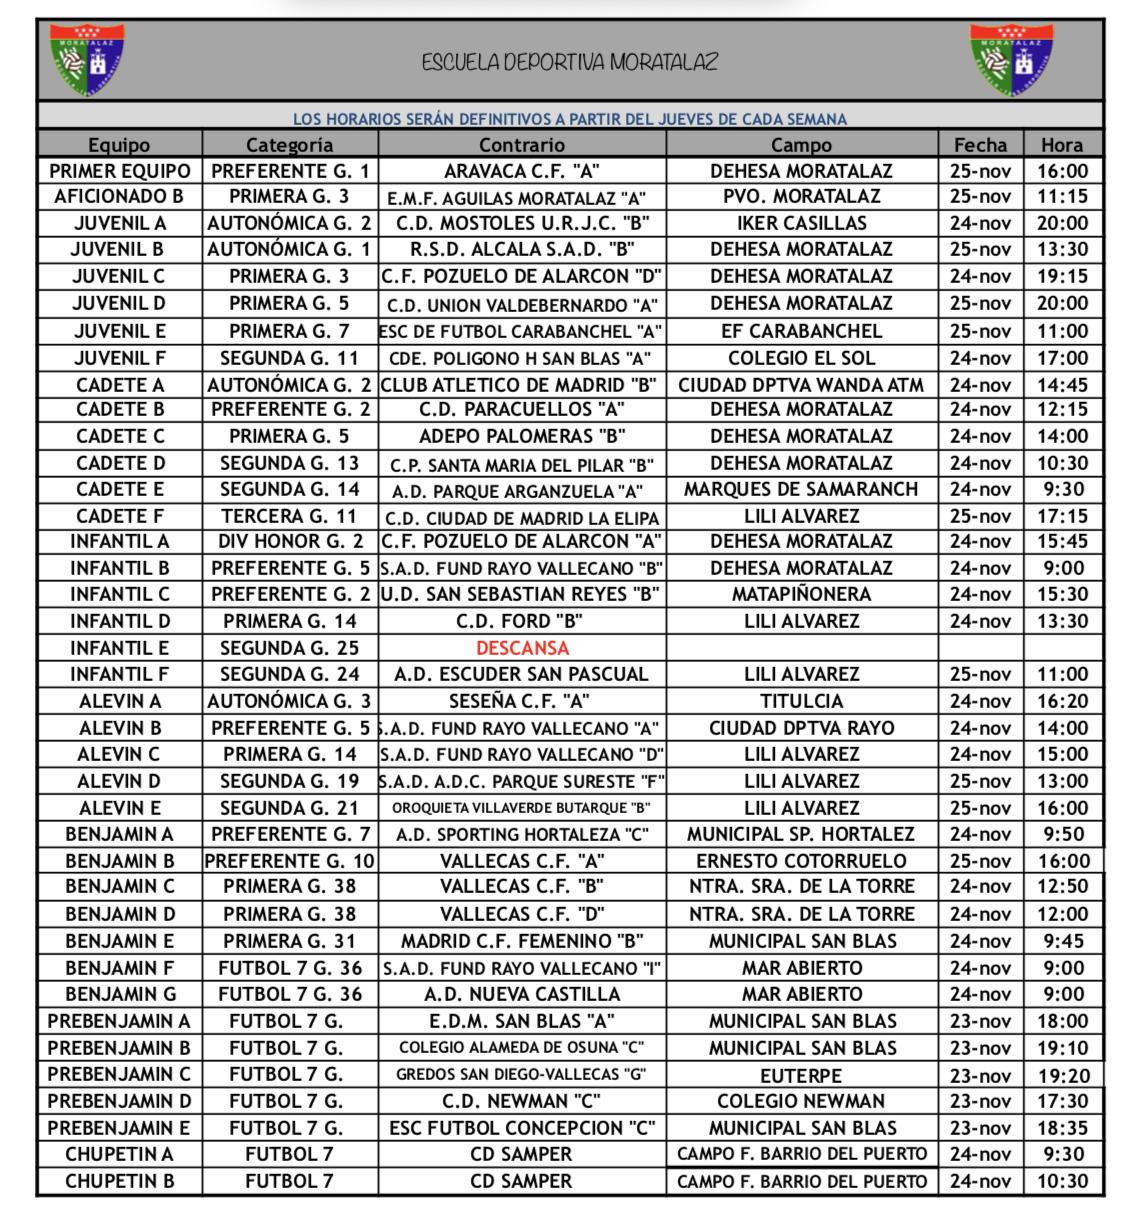 Captura de pantalla 2018-11-22 a las 16.20.46